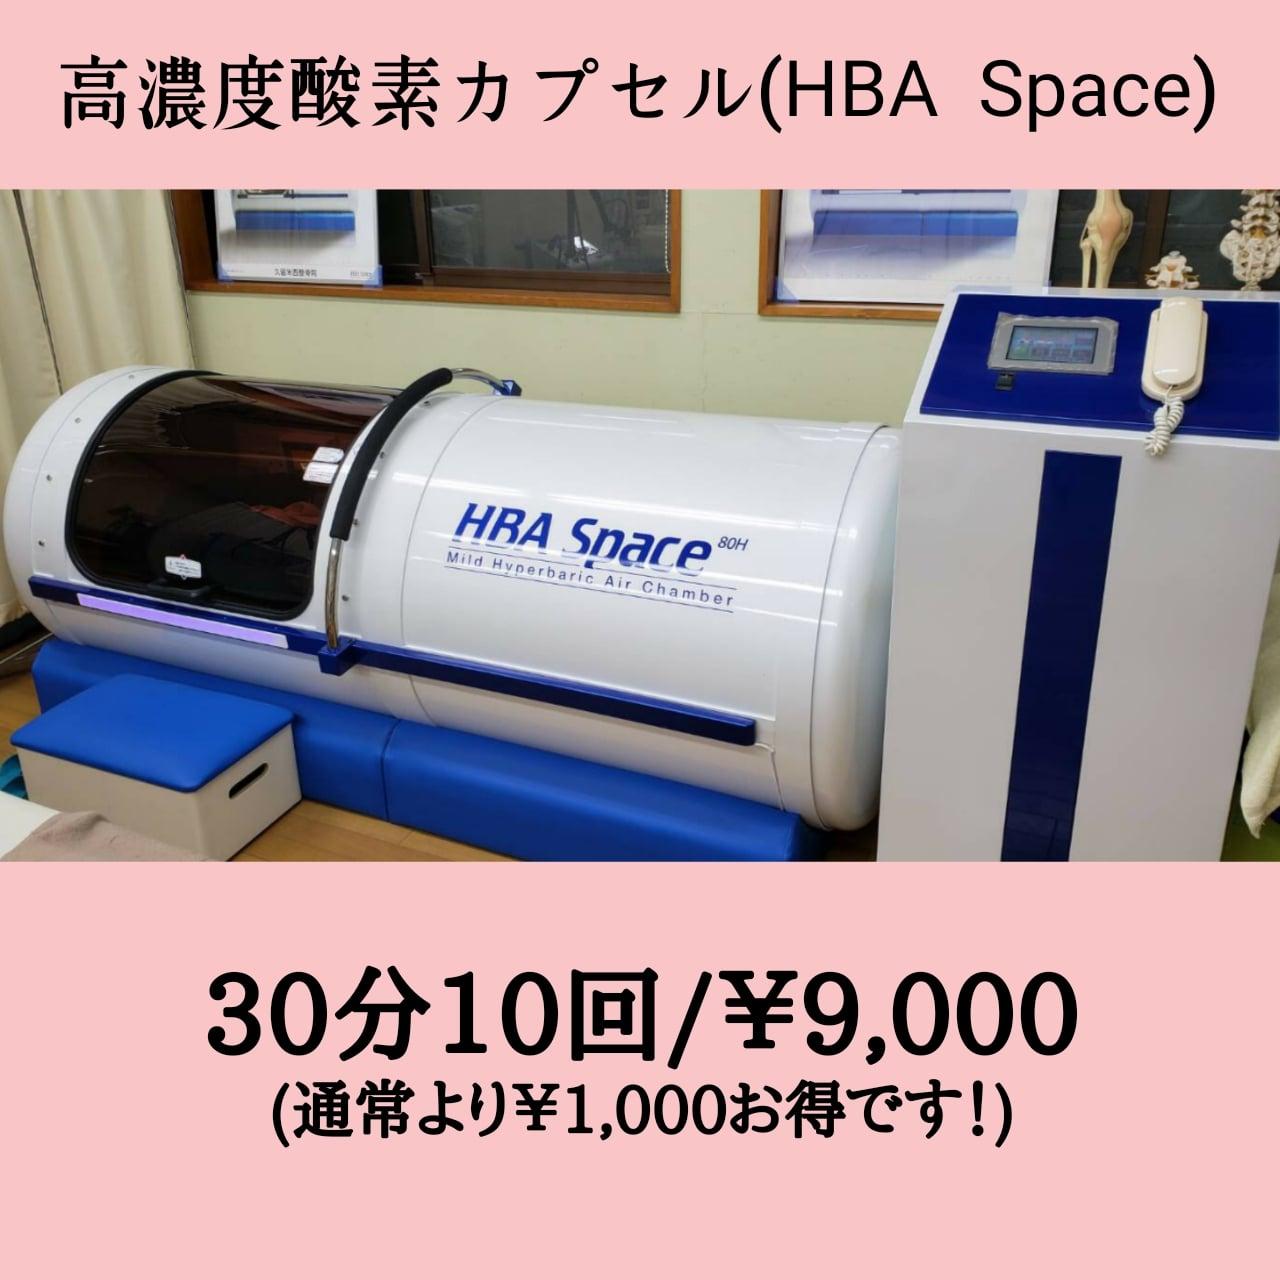 高濃度酸素カプセル(HBA Space)30分10回券/9,000円チケットのイメージその1